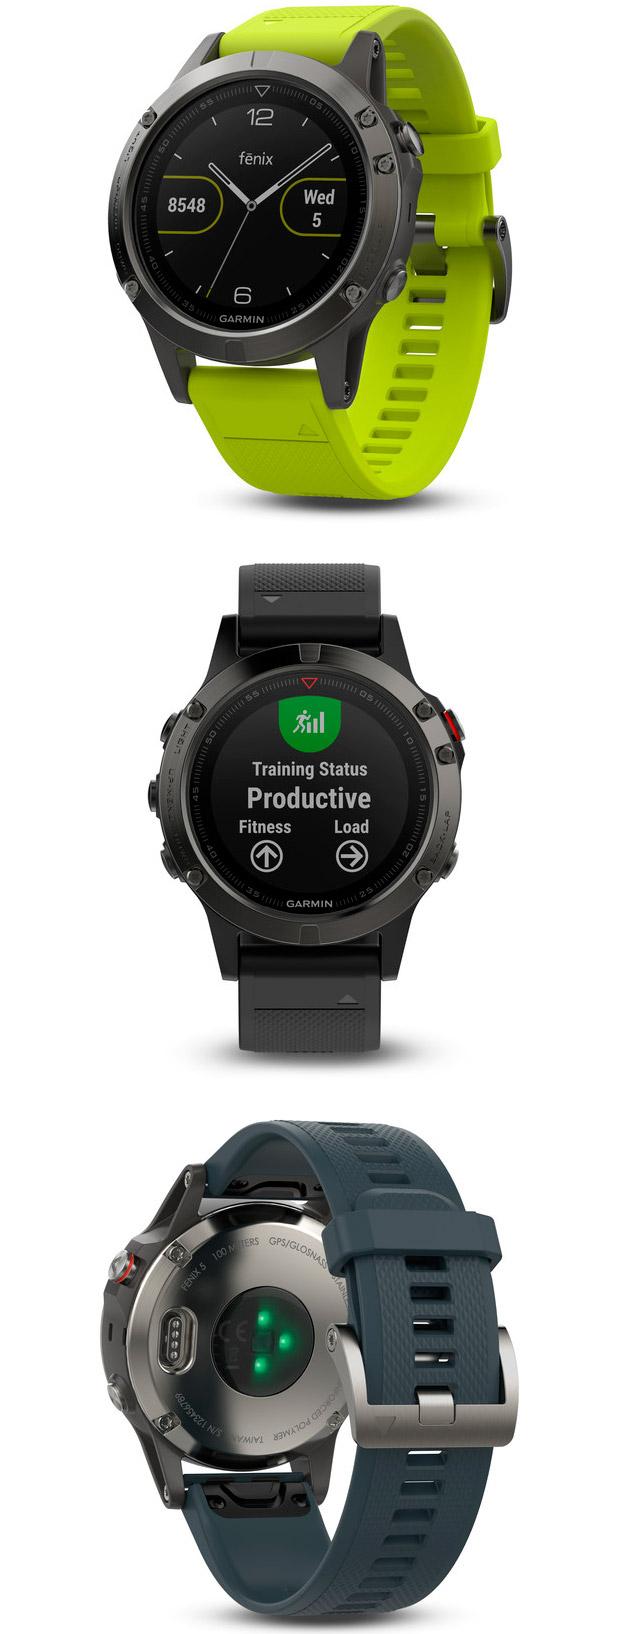 En TodoMountainBike: Nueva gama Garmin fēnix 5, ahora con tres modelos diferentes para adaptarse a todo tipo de usuarios